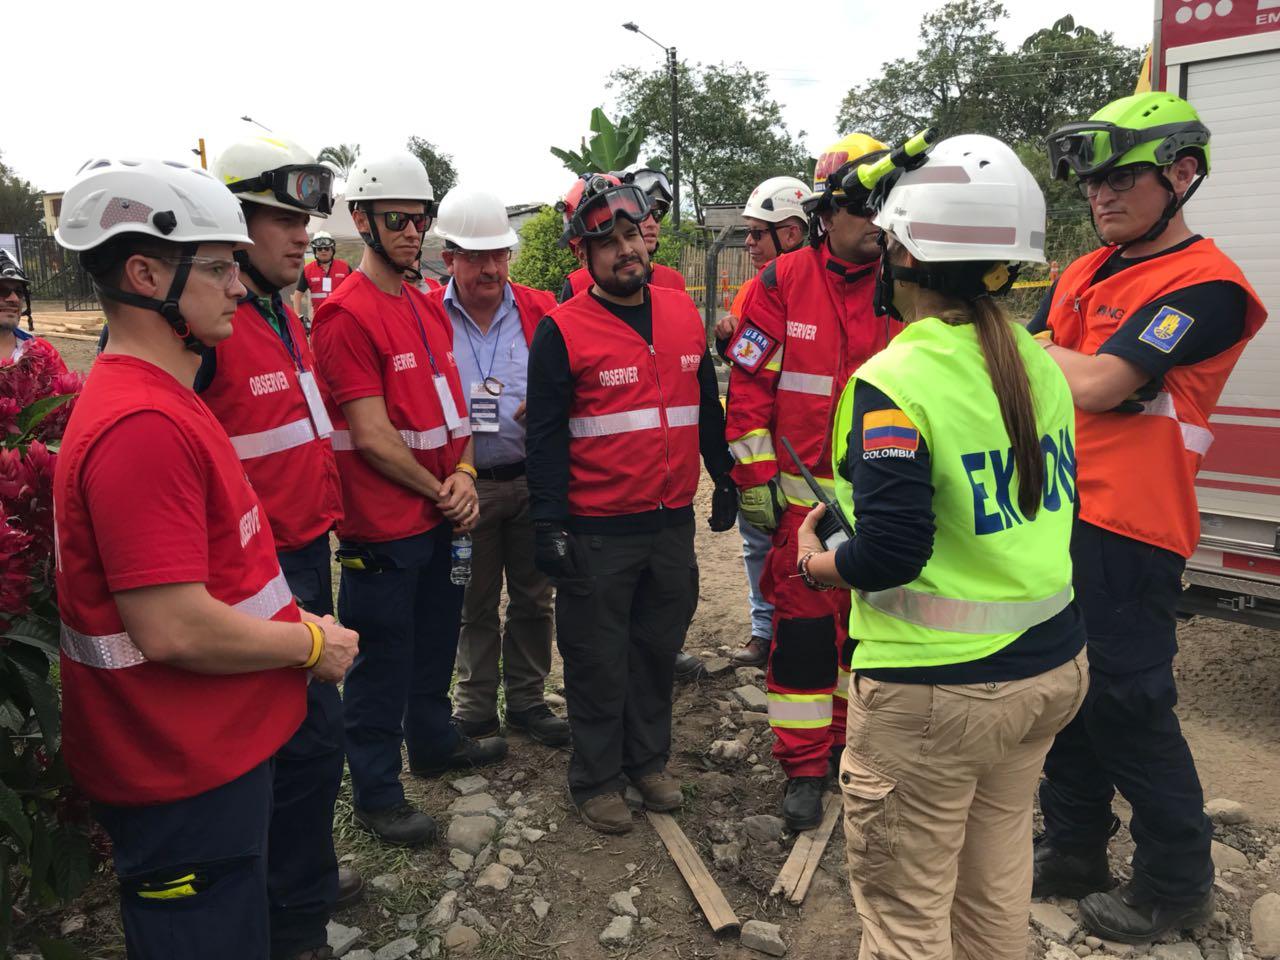 (Español) Emergencias más recurrentes, clima extremo e inversión en gestión del riesgo,  temas clave en la PR18 Cartagena